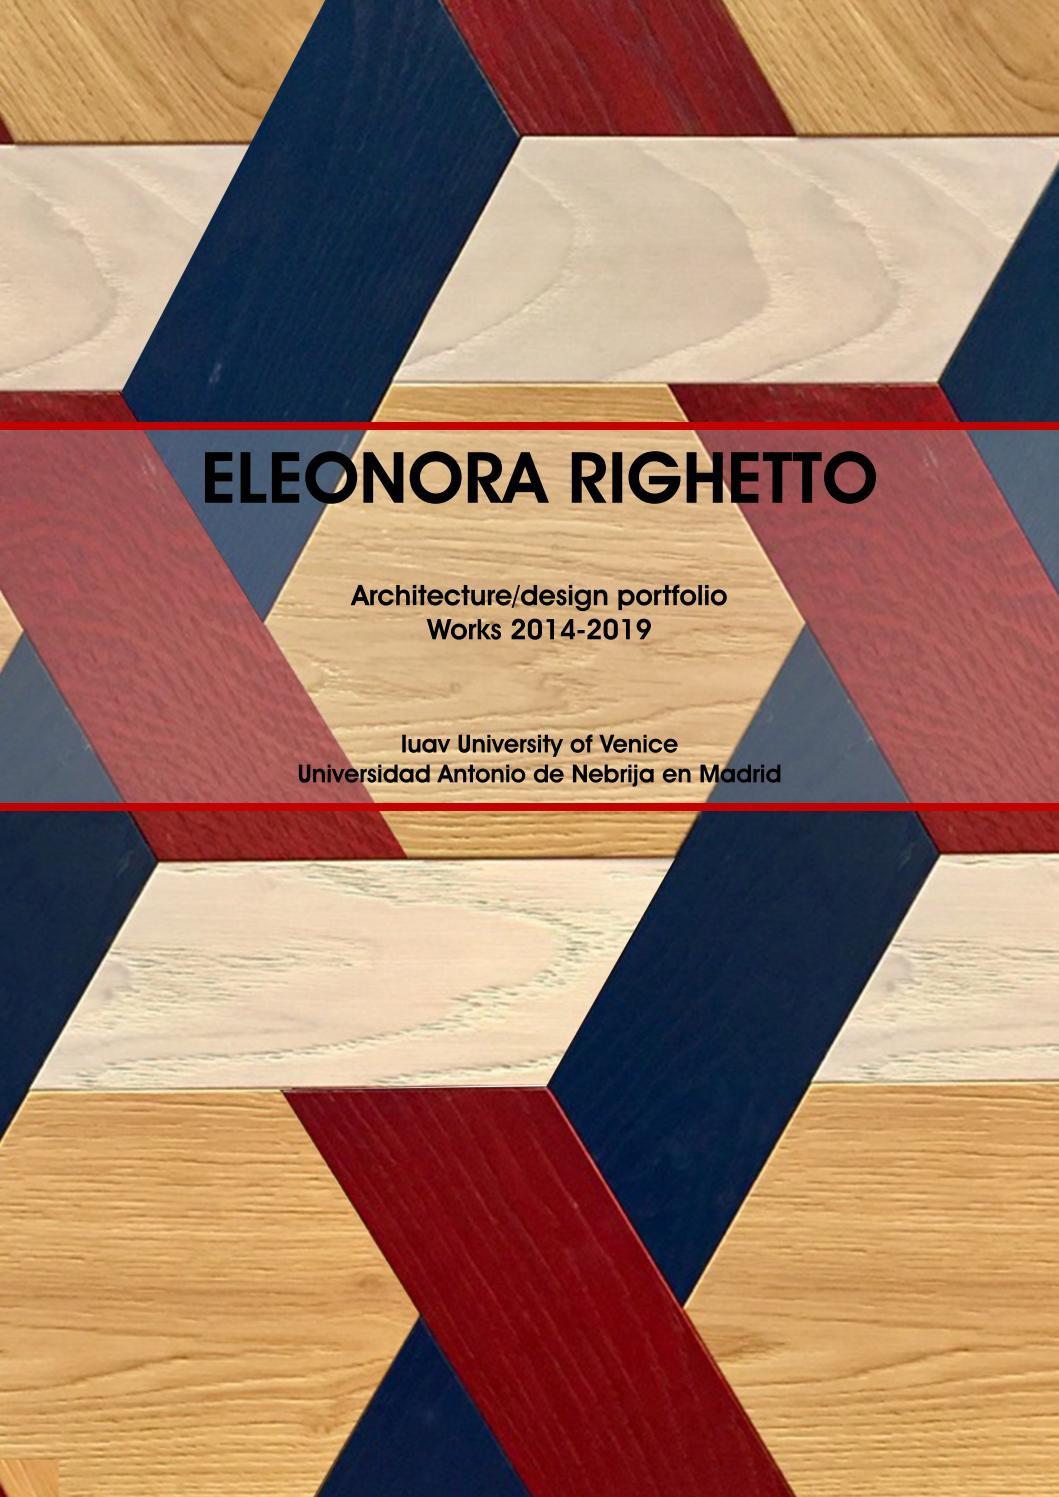 Porte Interne Color Ciliegio architecture's portfolio by eleonora righetto - issuu